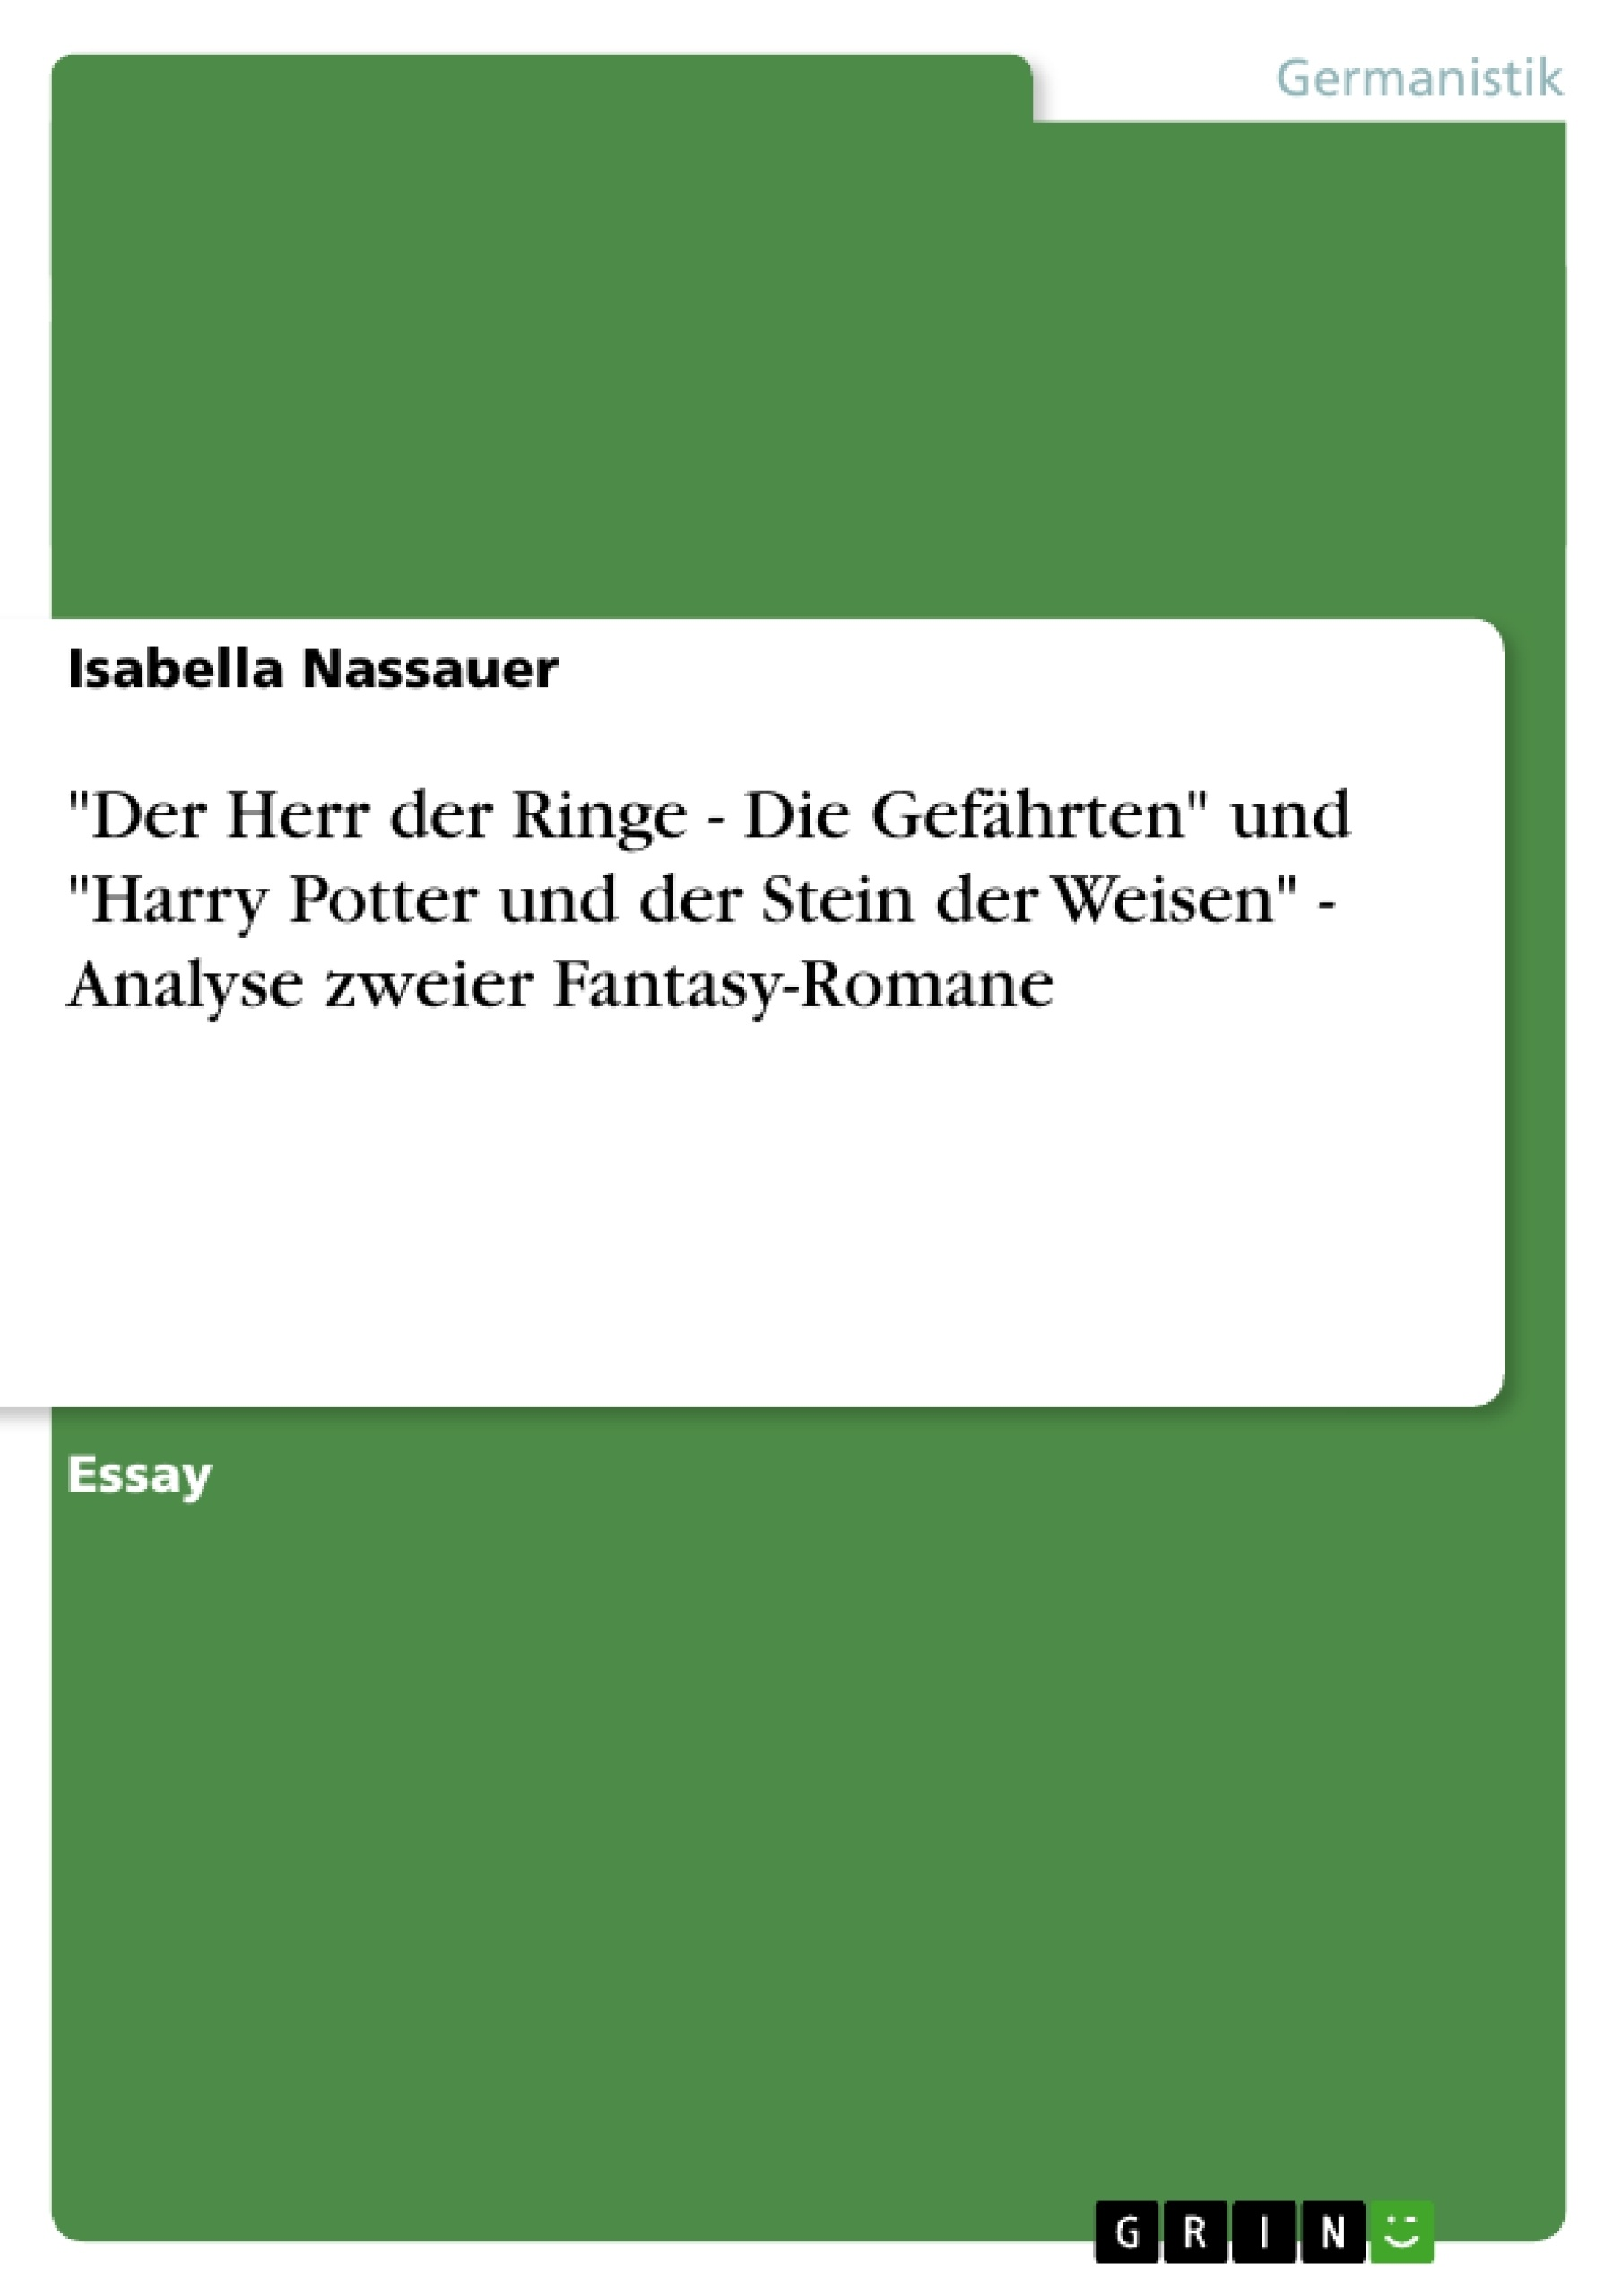 """Titel: """"Der Herr der Ringe - Die Gefährten"""" und """"Harry Potter und der Stein der Weisen"""" - Analyse zweier Fantasy-Romane"""